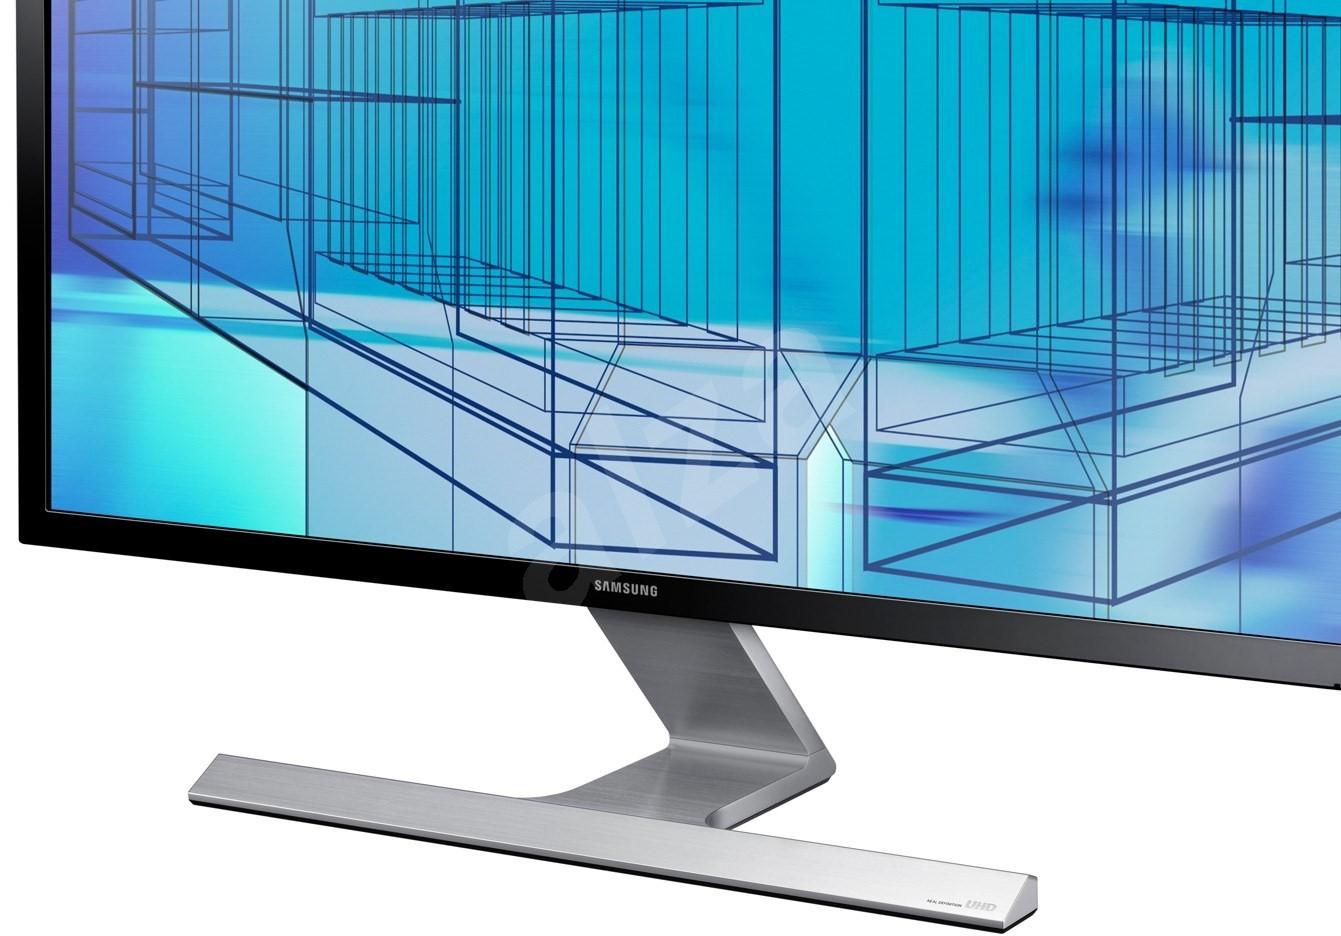 28 samsung u28d590 uhd 4k led monitor. Black Bedroom Furniture Sets. Home Design Ideas